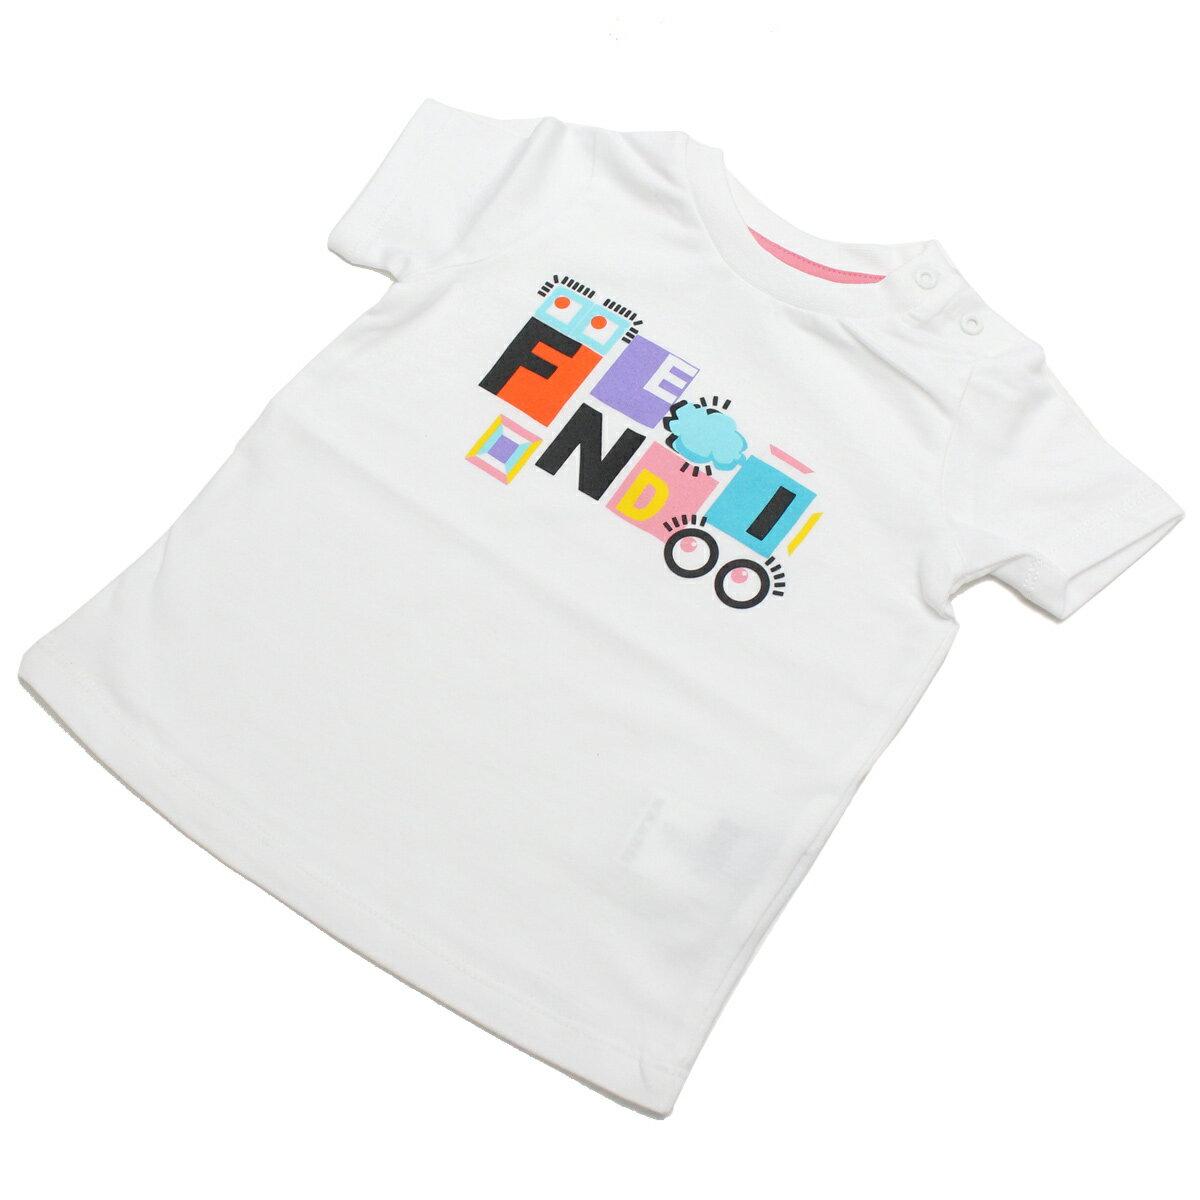 フェンディ (FENDI) ベビーTシャツ BFI033 ST8 F0QA0 ホワイト系 ベビー服【キッズ・ベビー】【女の子】